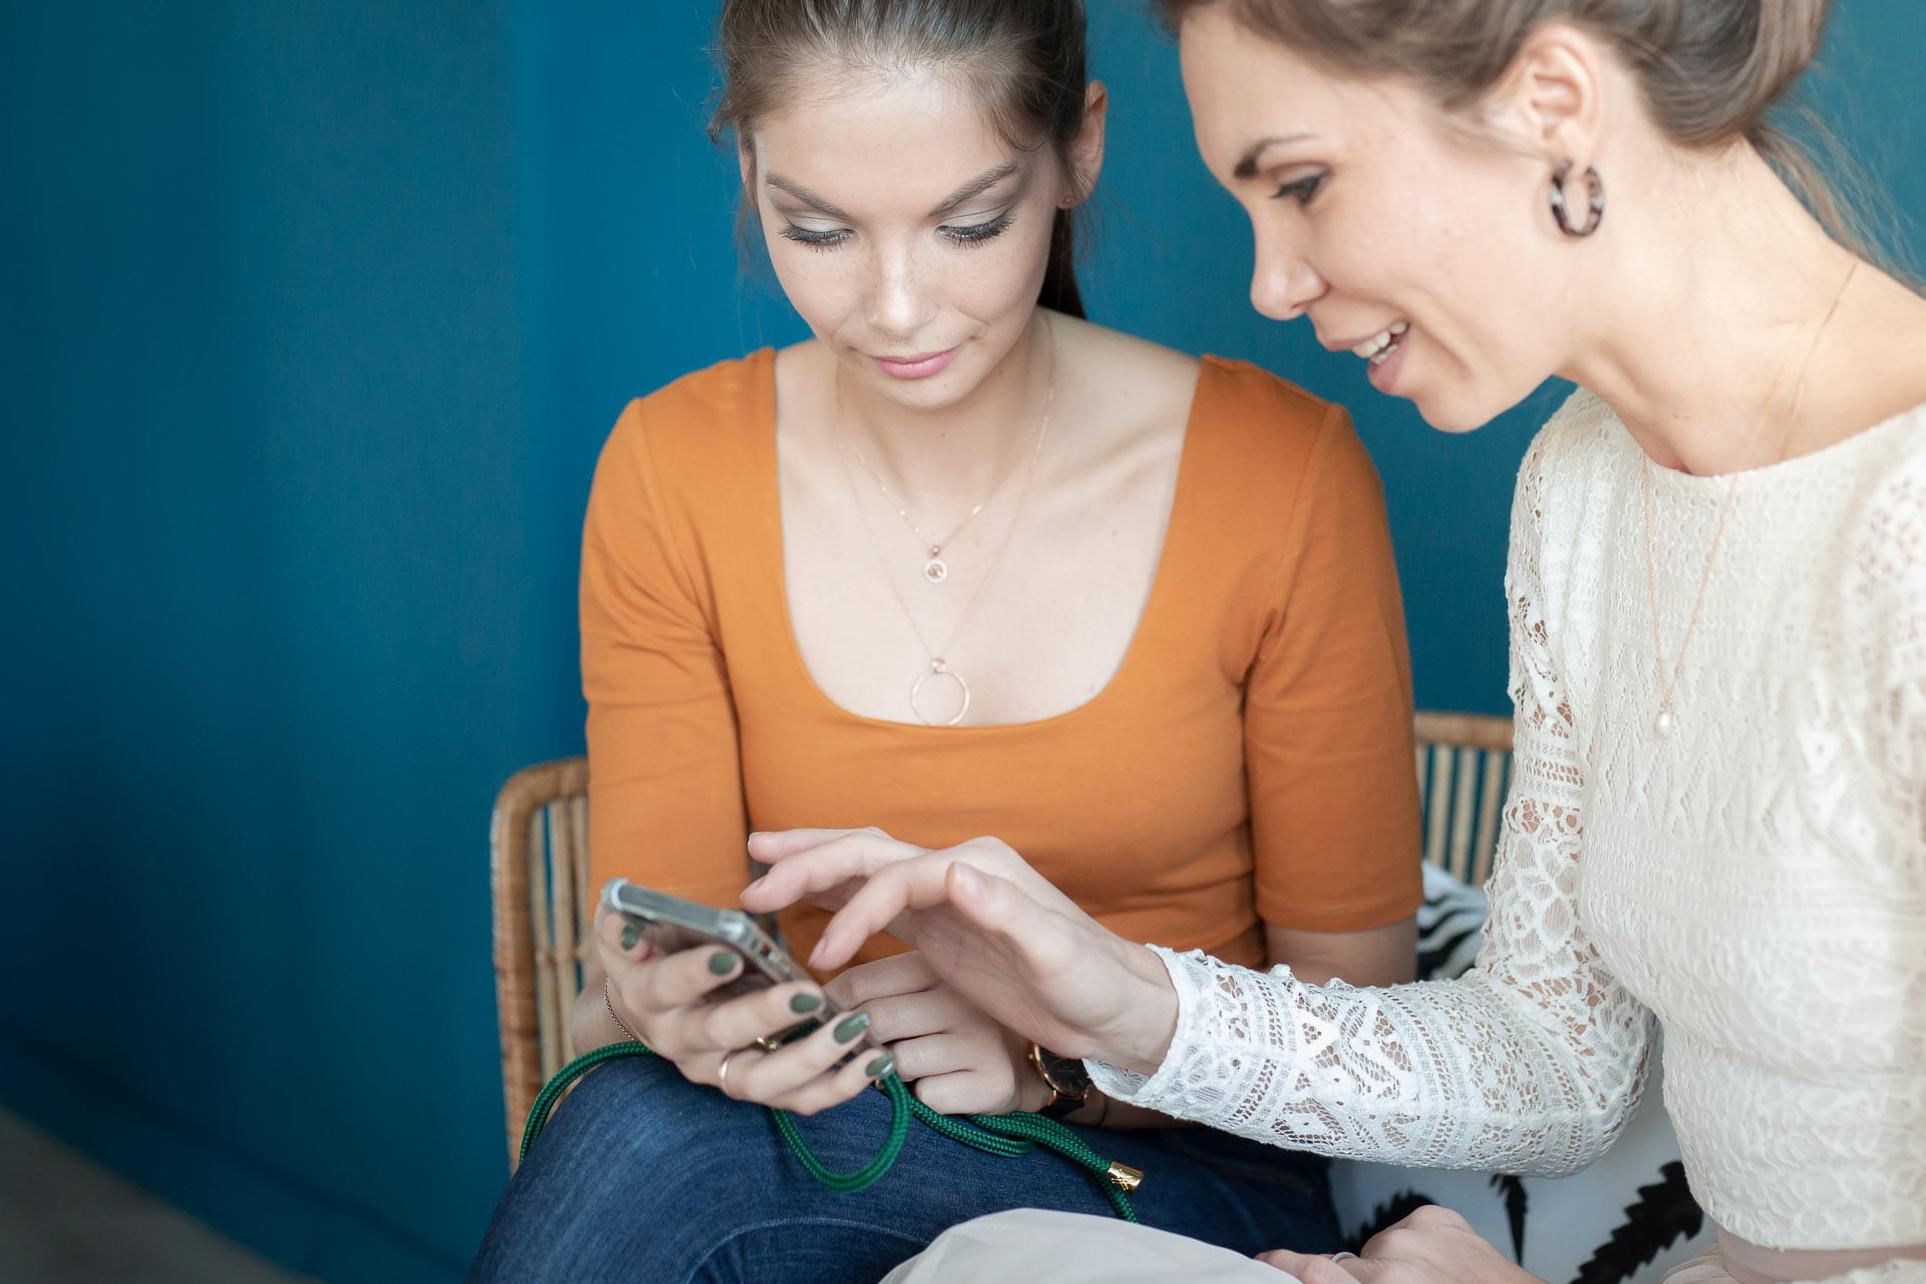 noni Brautkleid kaufen, Moodbild, Freundinnen in Wohnzimmer mit Smartphone